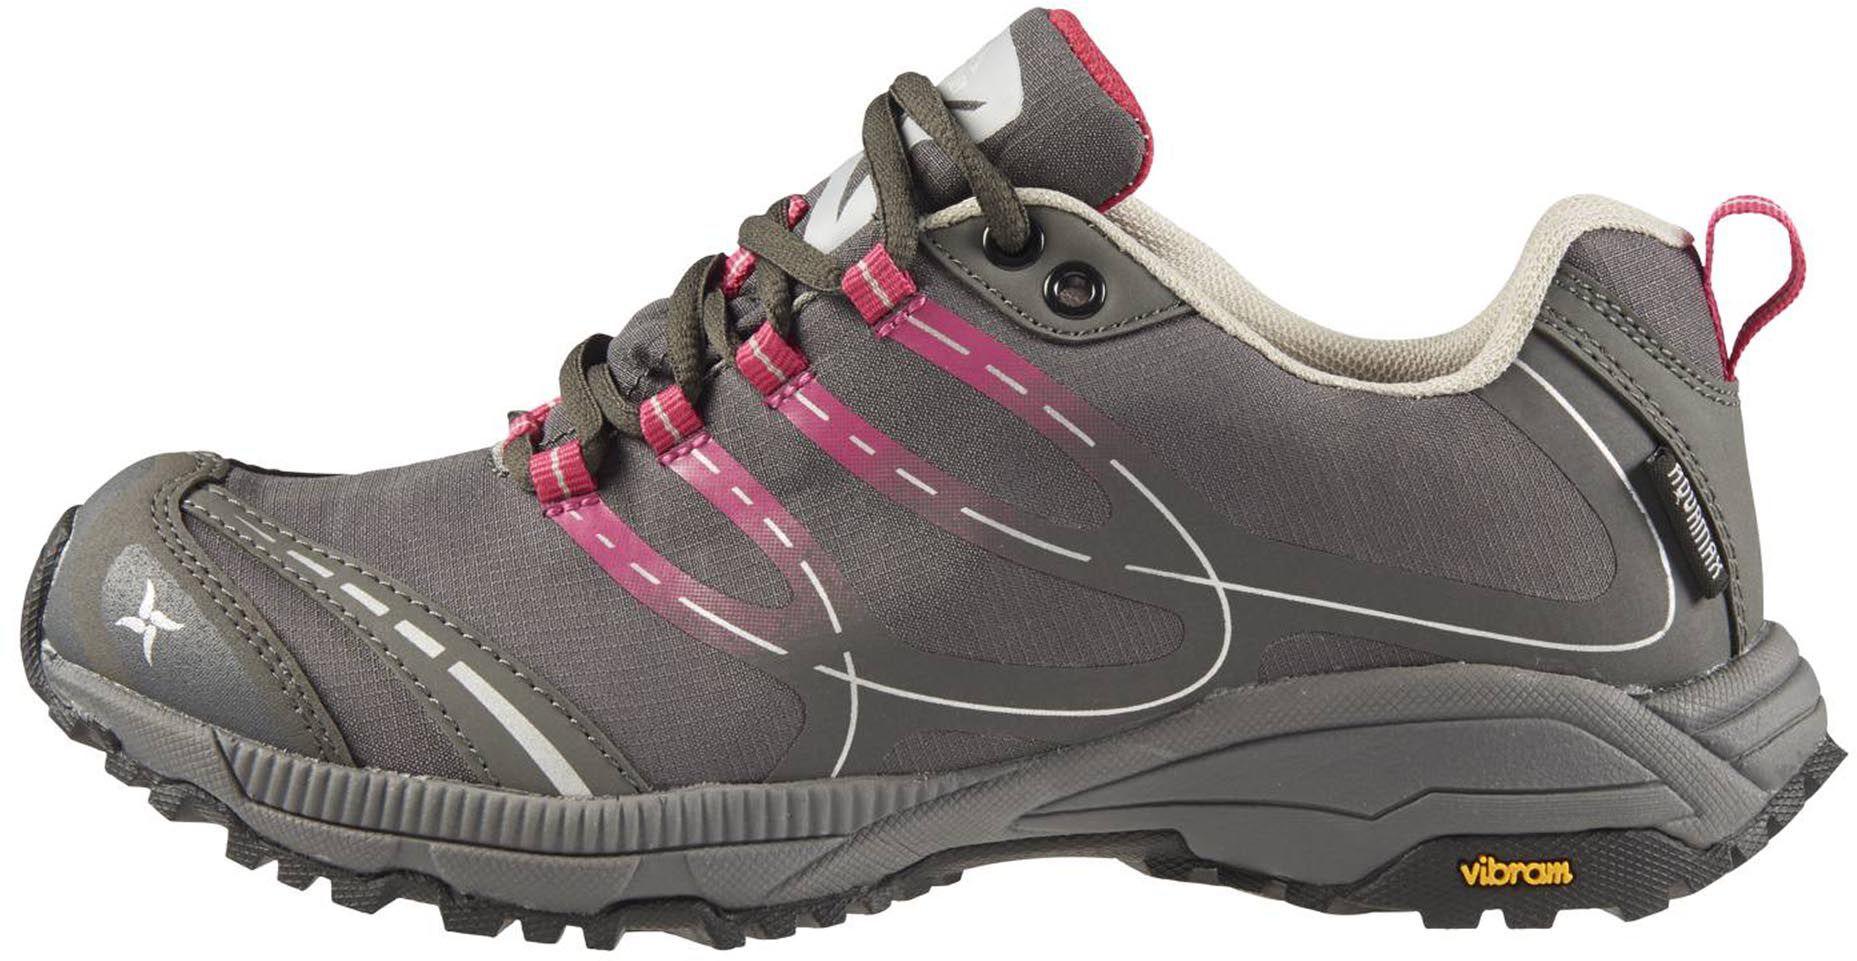 Mckinley - Découvrir Des Chaussures De Marche Aqx - Hommes - Chaussures - Gris - 40 9aszQS